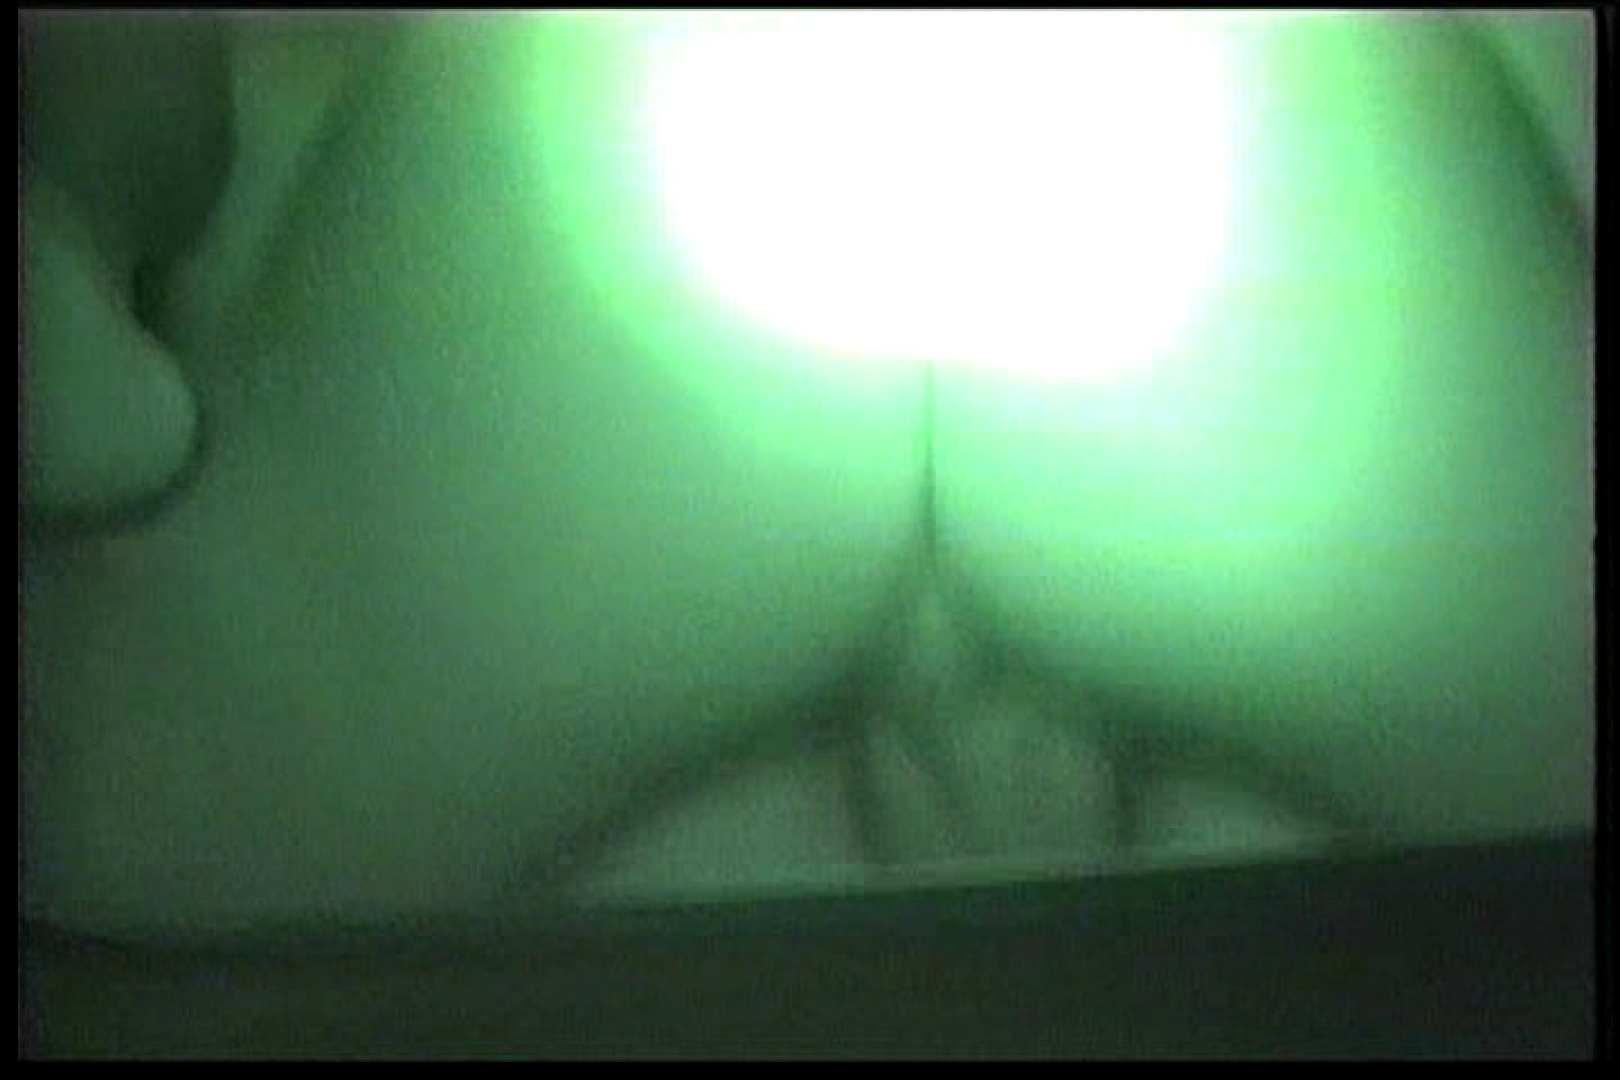 車の中はラブホテル 無修正版  Vol.11 ホテル スケベ動画紹介 86画像 36